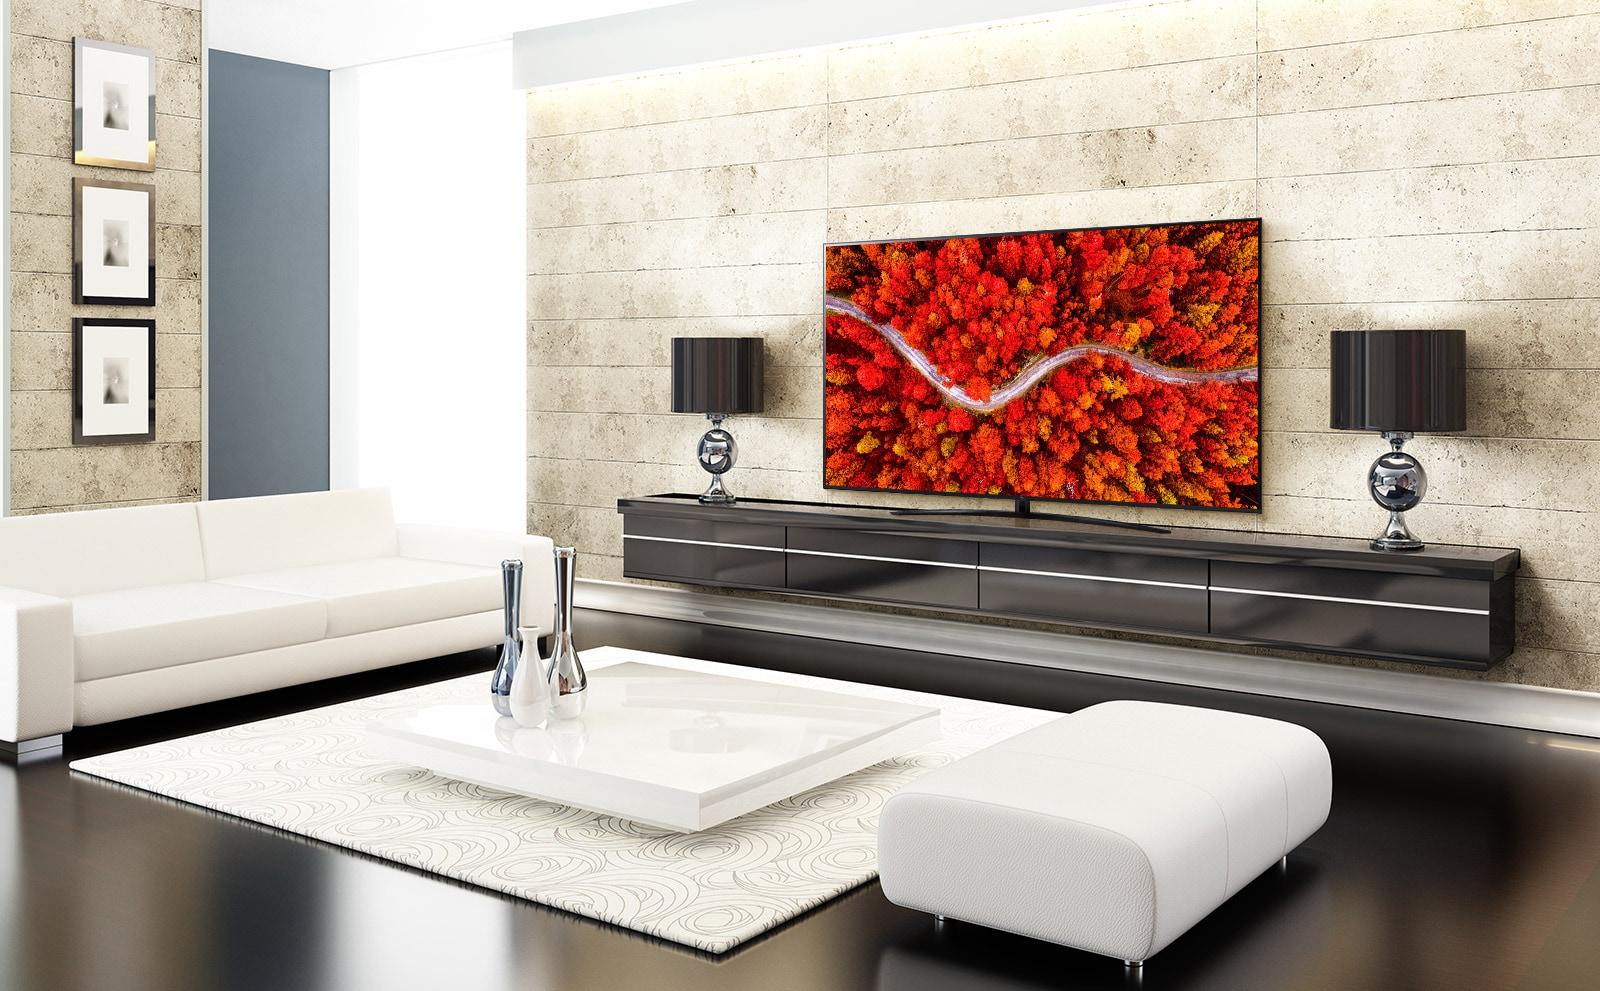 Phòng khách sang trọng với TV hiển thị hình ảnh từ trên cao của khu rừng màu đỏ.